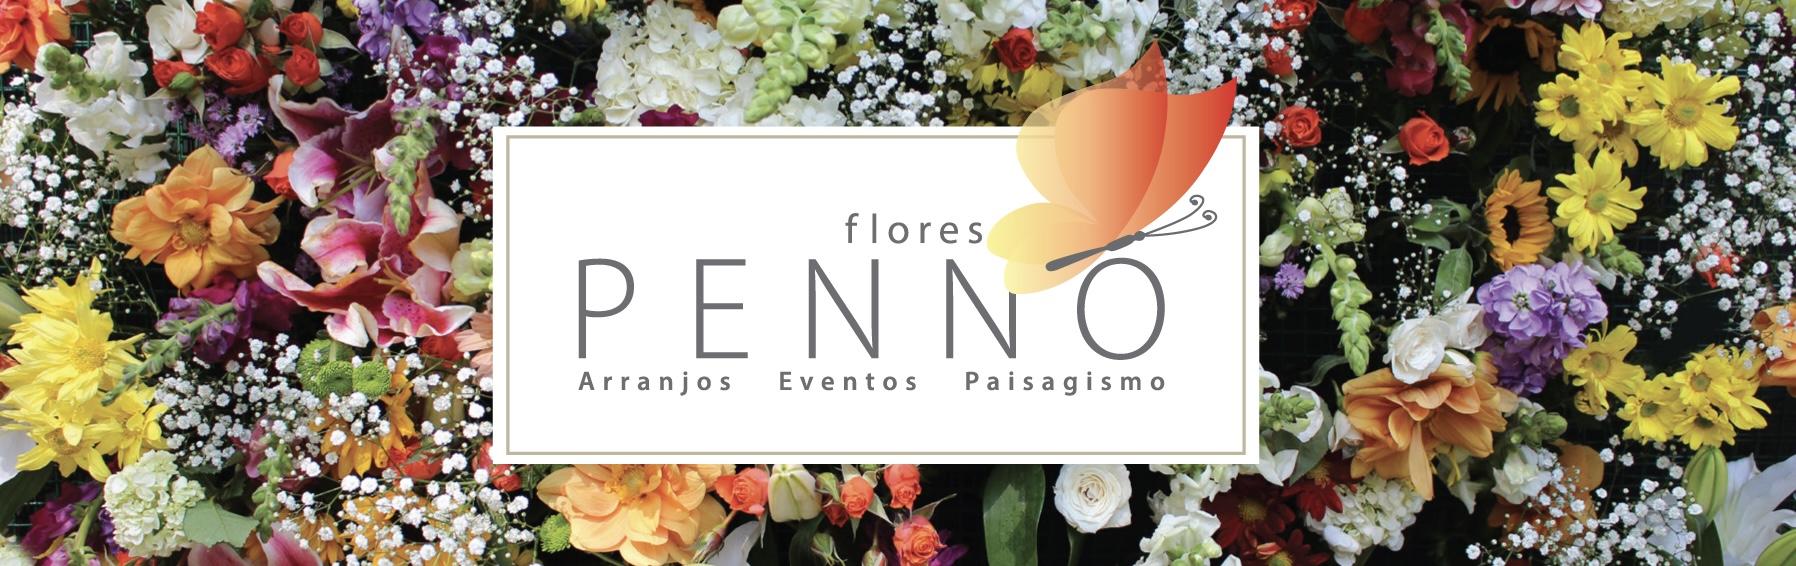 Logo da Penno Floricultura